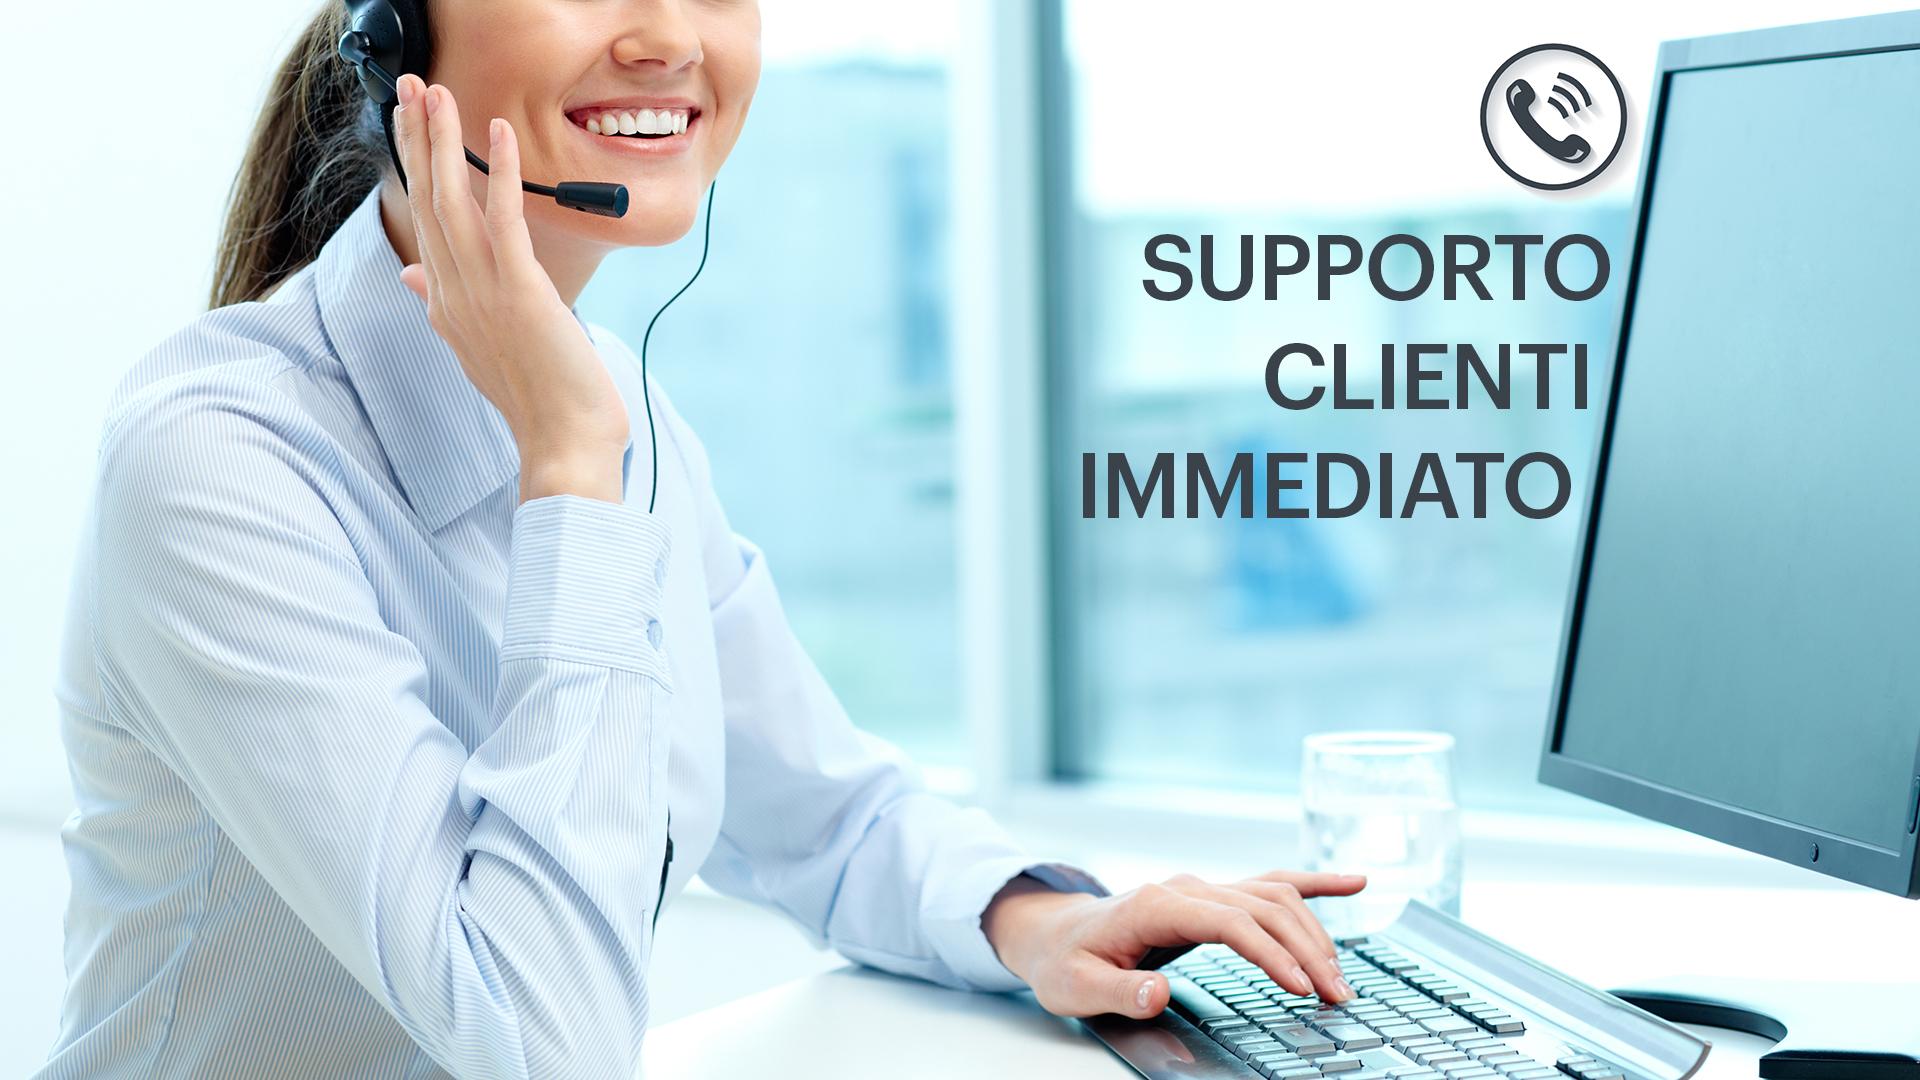 Online consultant